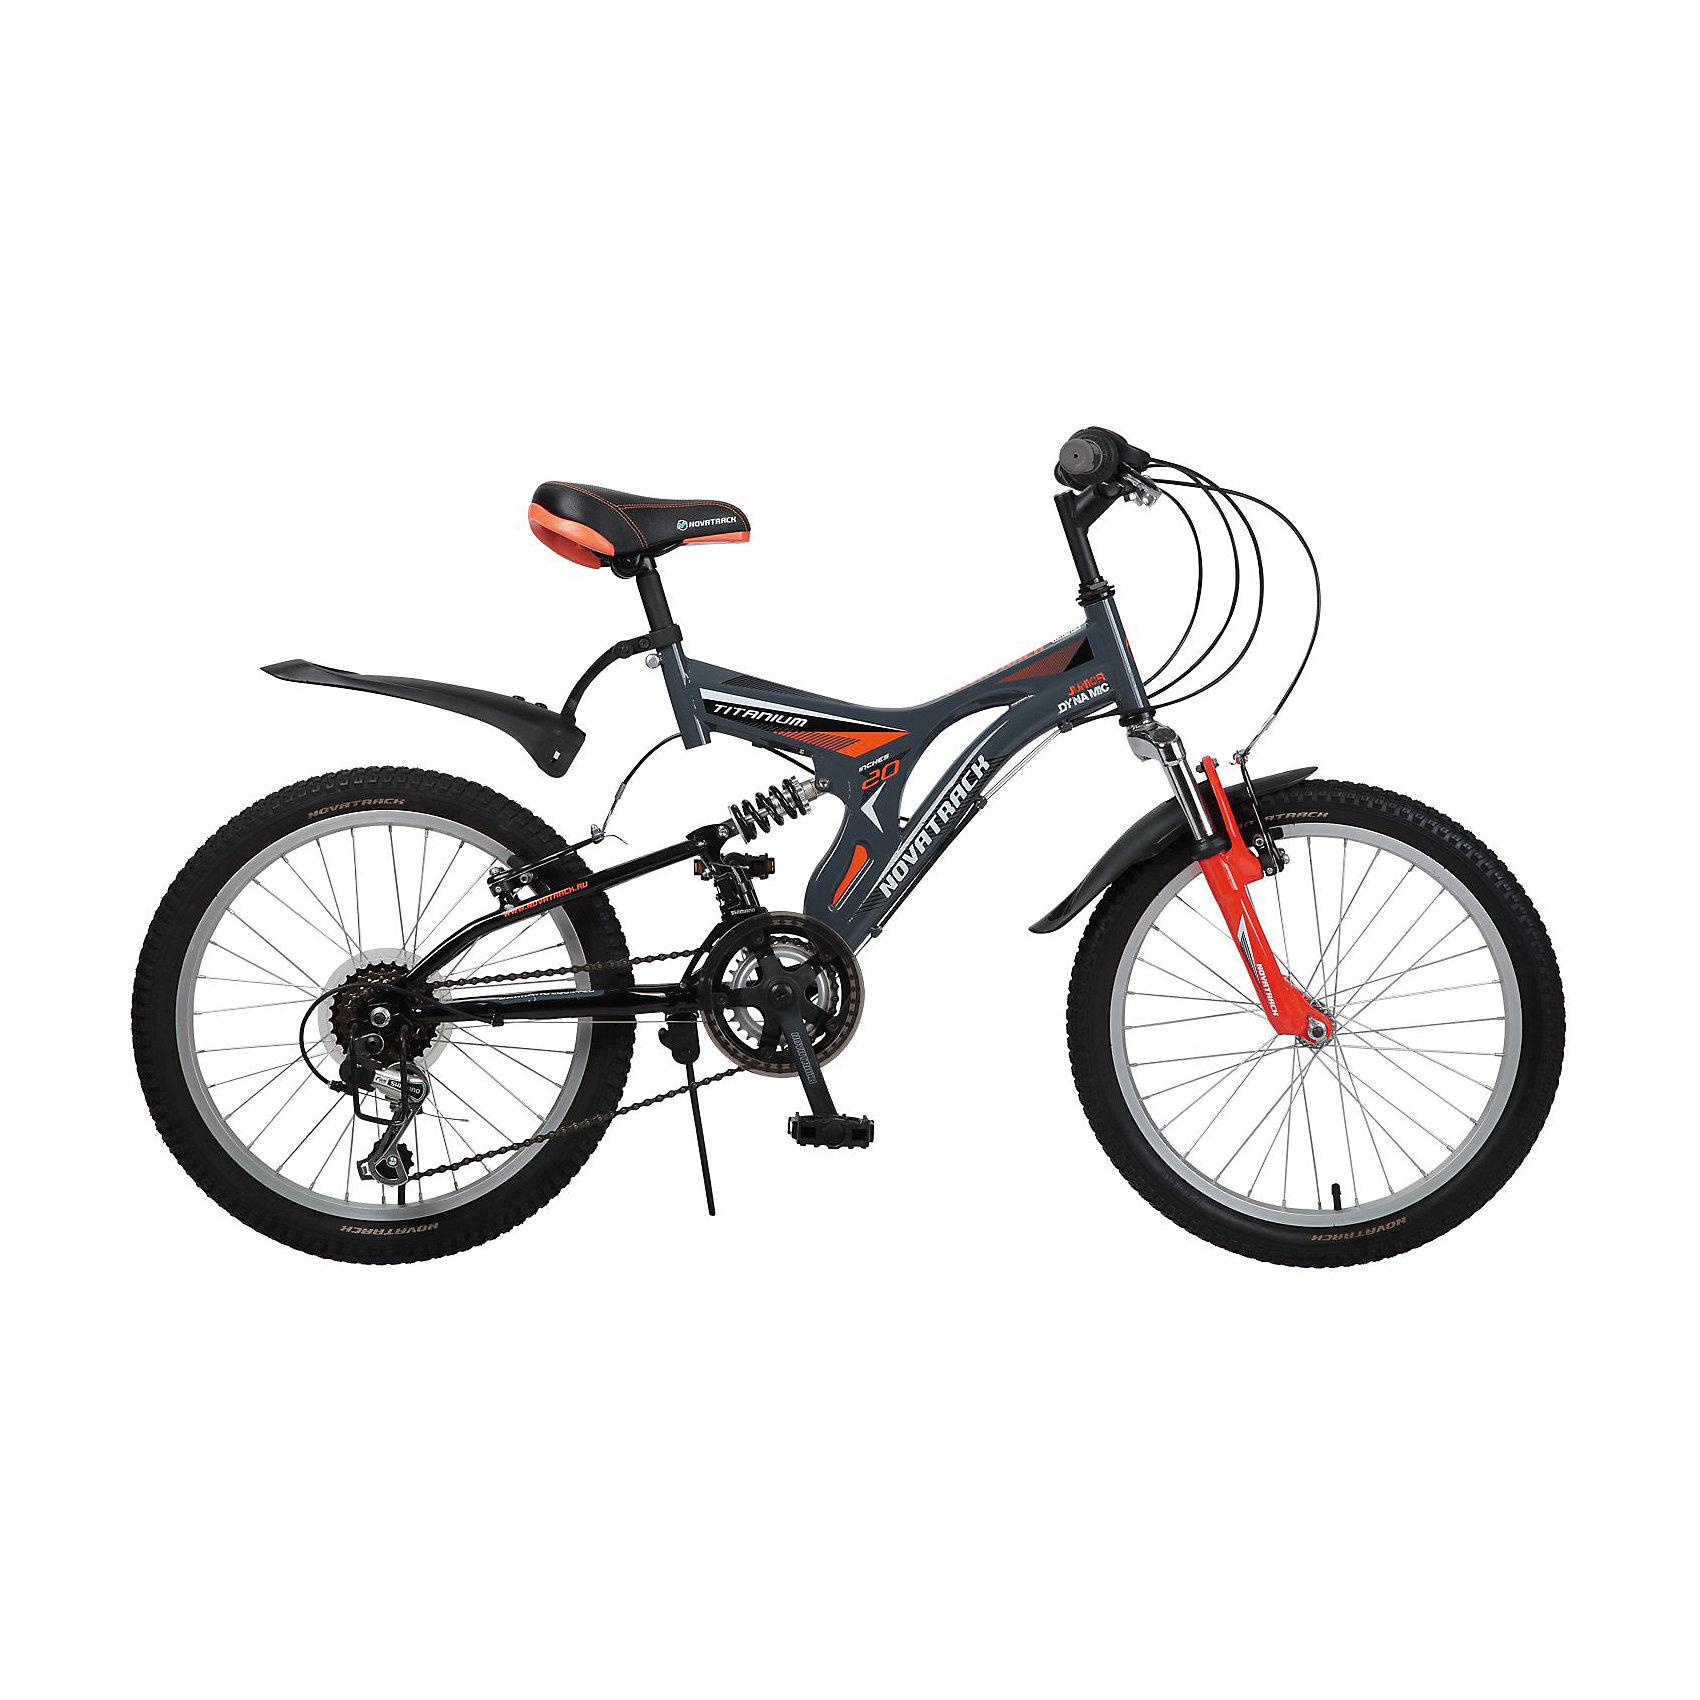 Велосипед TITANIUM, серый, 20 дюймов, NovatrackВелосипеды детские<br>Характеристики товара:<br><br>Цвет: Серый<br>Диаметр колеса: 20<br>Материал рамы: Сталь<br>Задний переключатель: Shimano TY-21<br>Передний переключатель: Shimano TZ-30<br>Тормоза: V-Brake <br>Вилка: Амортизирующая<br>Спицы: Сталь<br>Количество скоростей: 12<br>Обода: алюминиевые<br>Крылья: Пластик<br>Рама: Titanium<br>Вес велосипеда: 13.8 кг<br>Для детей 7-10 лет, на рост 122-134см<br><br>   Велосипед Novatrack Titaniun 20'' - это модель для ребят 7-10 лет, которые уже неодобрительно относится к детским велосипедам и засматриваются на большие горные велосипеды. На 20-дюймовых колесах можно кататься не только во дворе, но и по более сложным маршрутам – ухабистым парковым тропинкам, небольшим горкам, где езда без амортизаторов была бы не простой. Велосипед оснащен передним и задним ручным тормозом, которые при синхронной работе обеспечивают наилучшее торможение при спуске с наклонной поверхности, а одна из 12 скоростей помогает легко преодолеть сложный подъем. <br><br>Велосипед TITANIUM, серый, 20 дюймов, Novatrack можно купить в нашем интернет-магазине.<br><br>Ширина мм: 1100<br>Глубина мм: 180<br>Высота мм: 520<br>Вес г: 14000<br>Возраст от месяцев: 84<br>Возраст до месяцев: 120<br>Пол: Унисекс<br>Возраст: Детский<br>SKU: 5613216